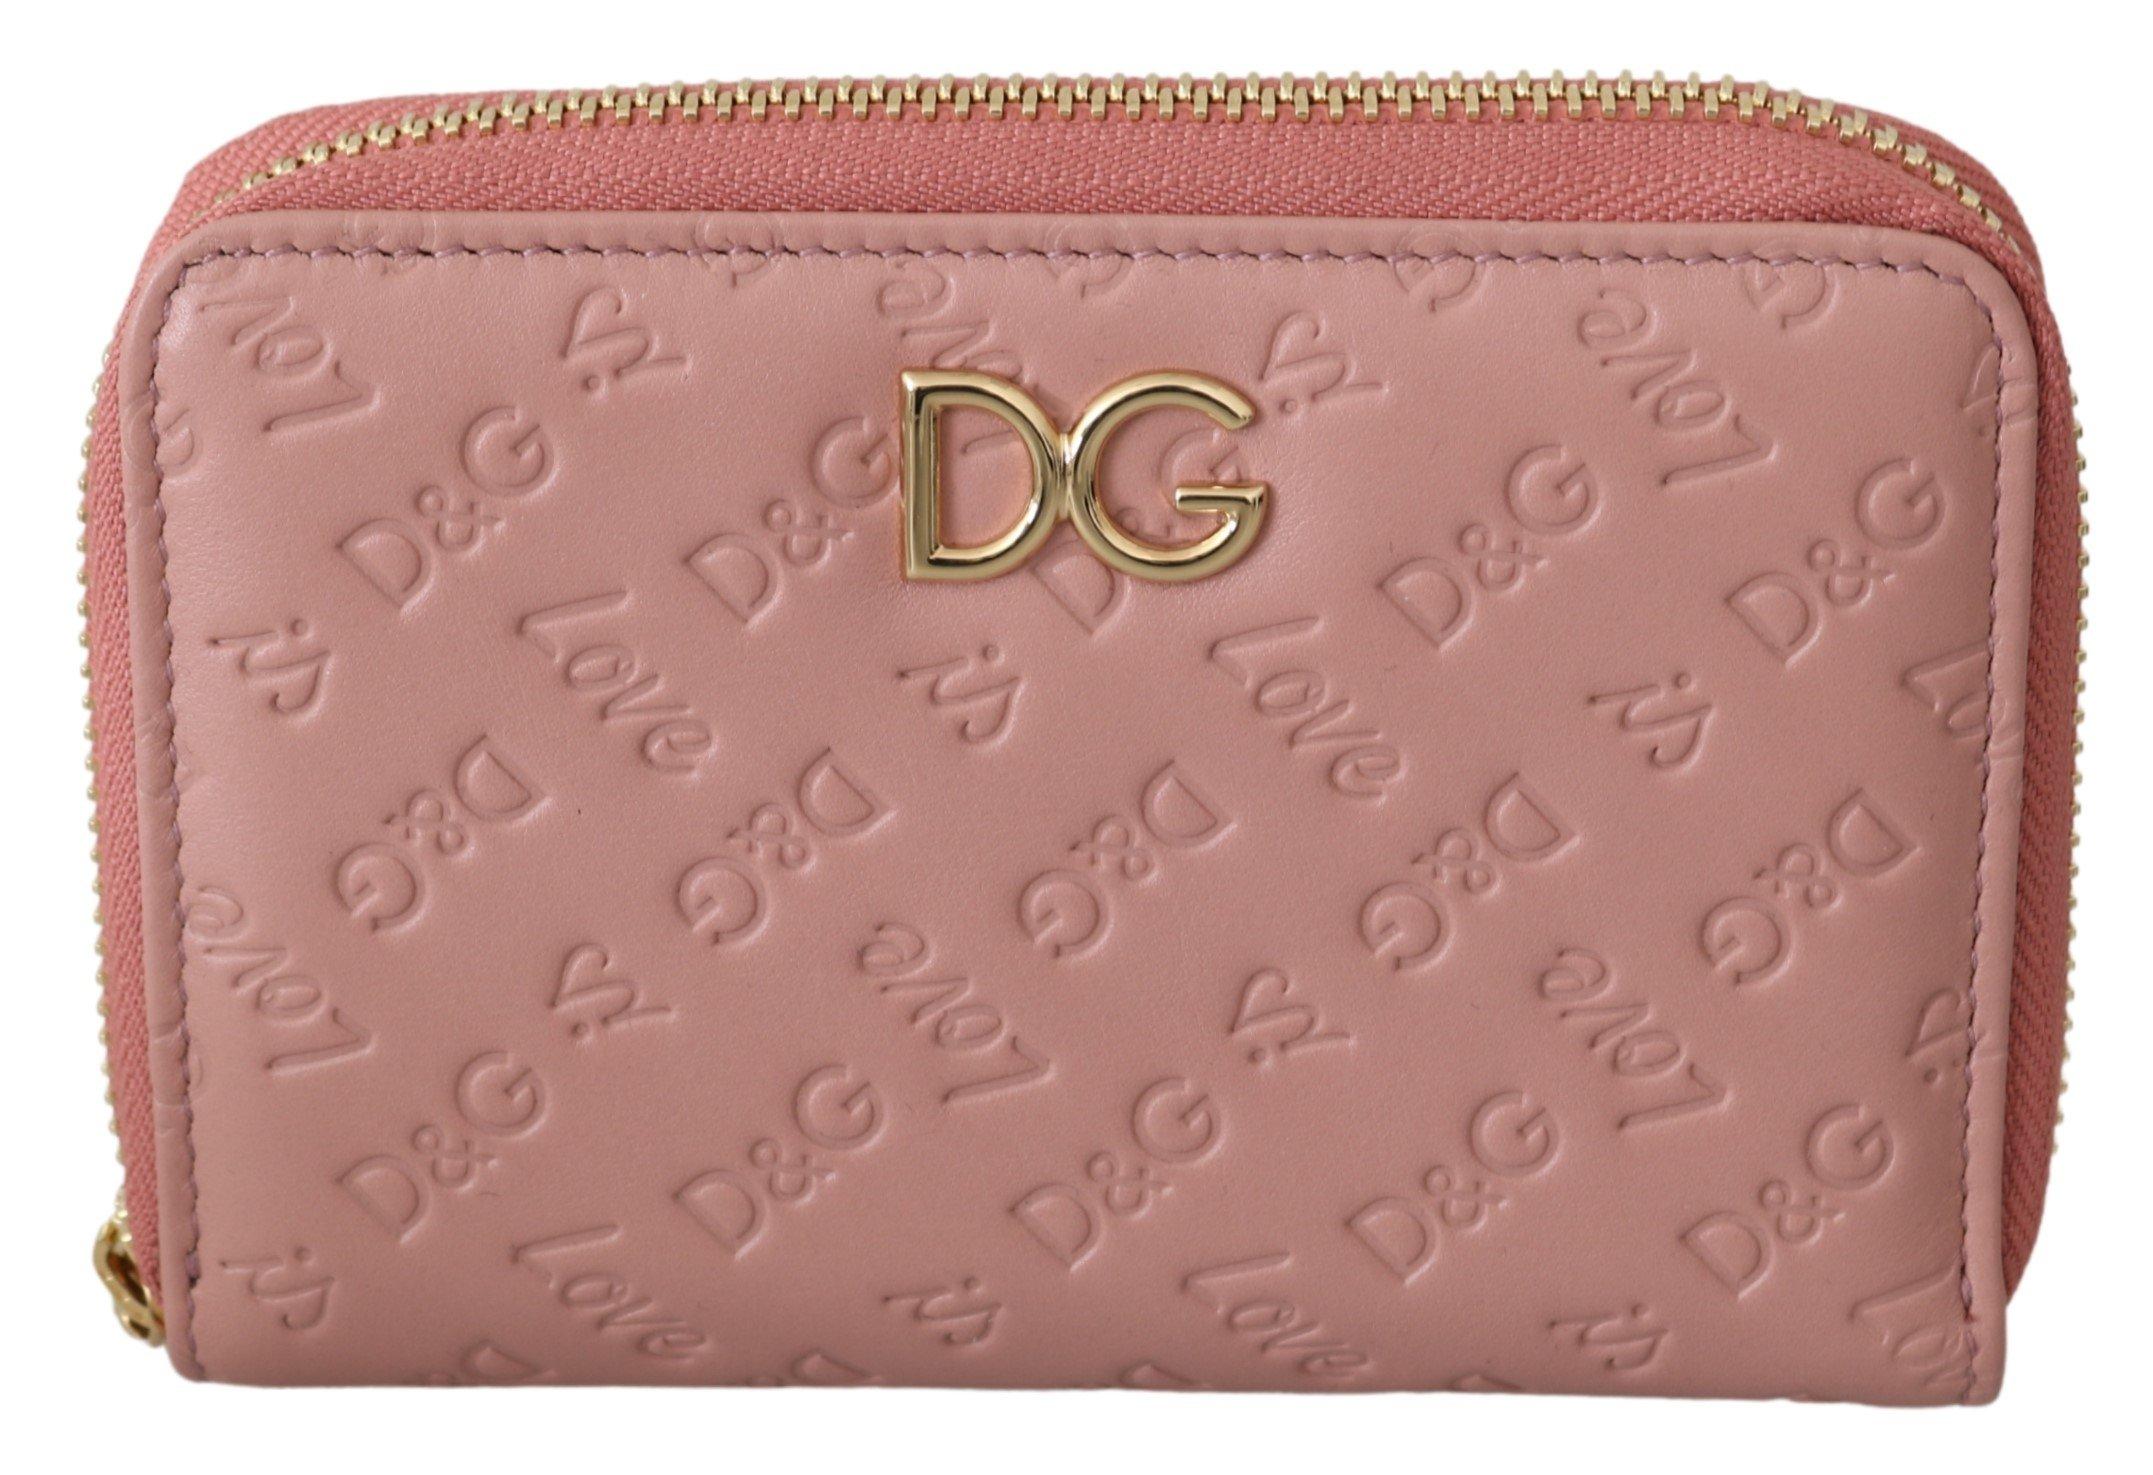 Dolce & Gabbana Women's Logo Leather Leopard Zipper Bill Card Coin Wallet Pink VAS9676